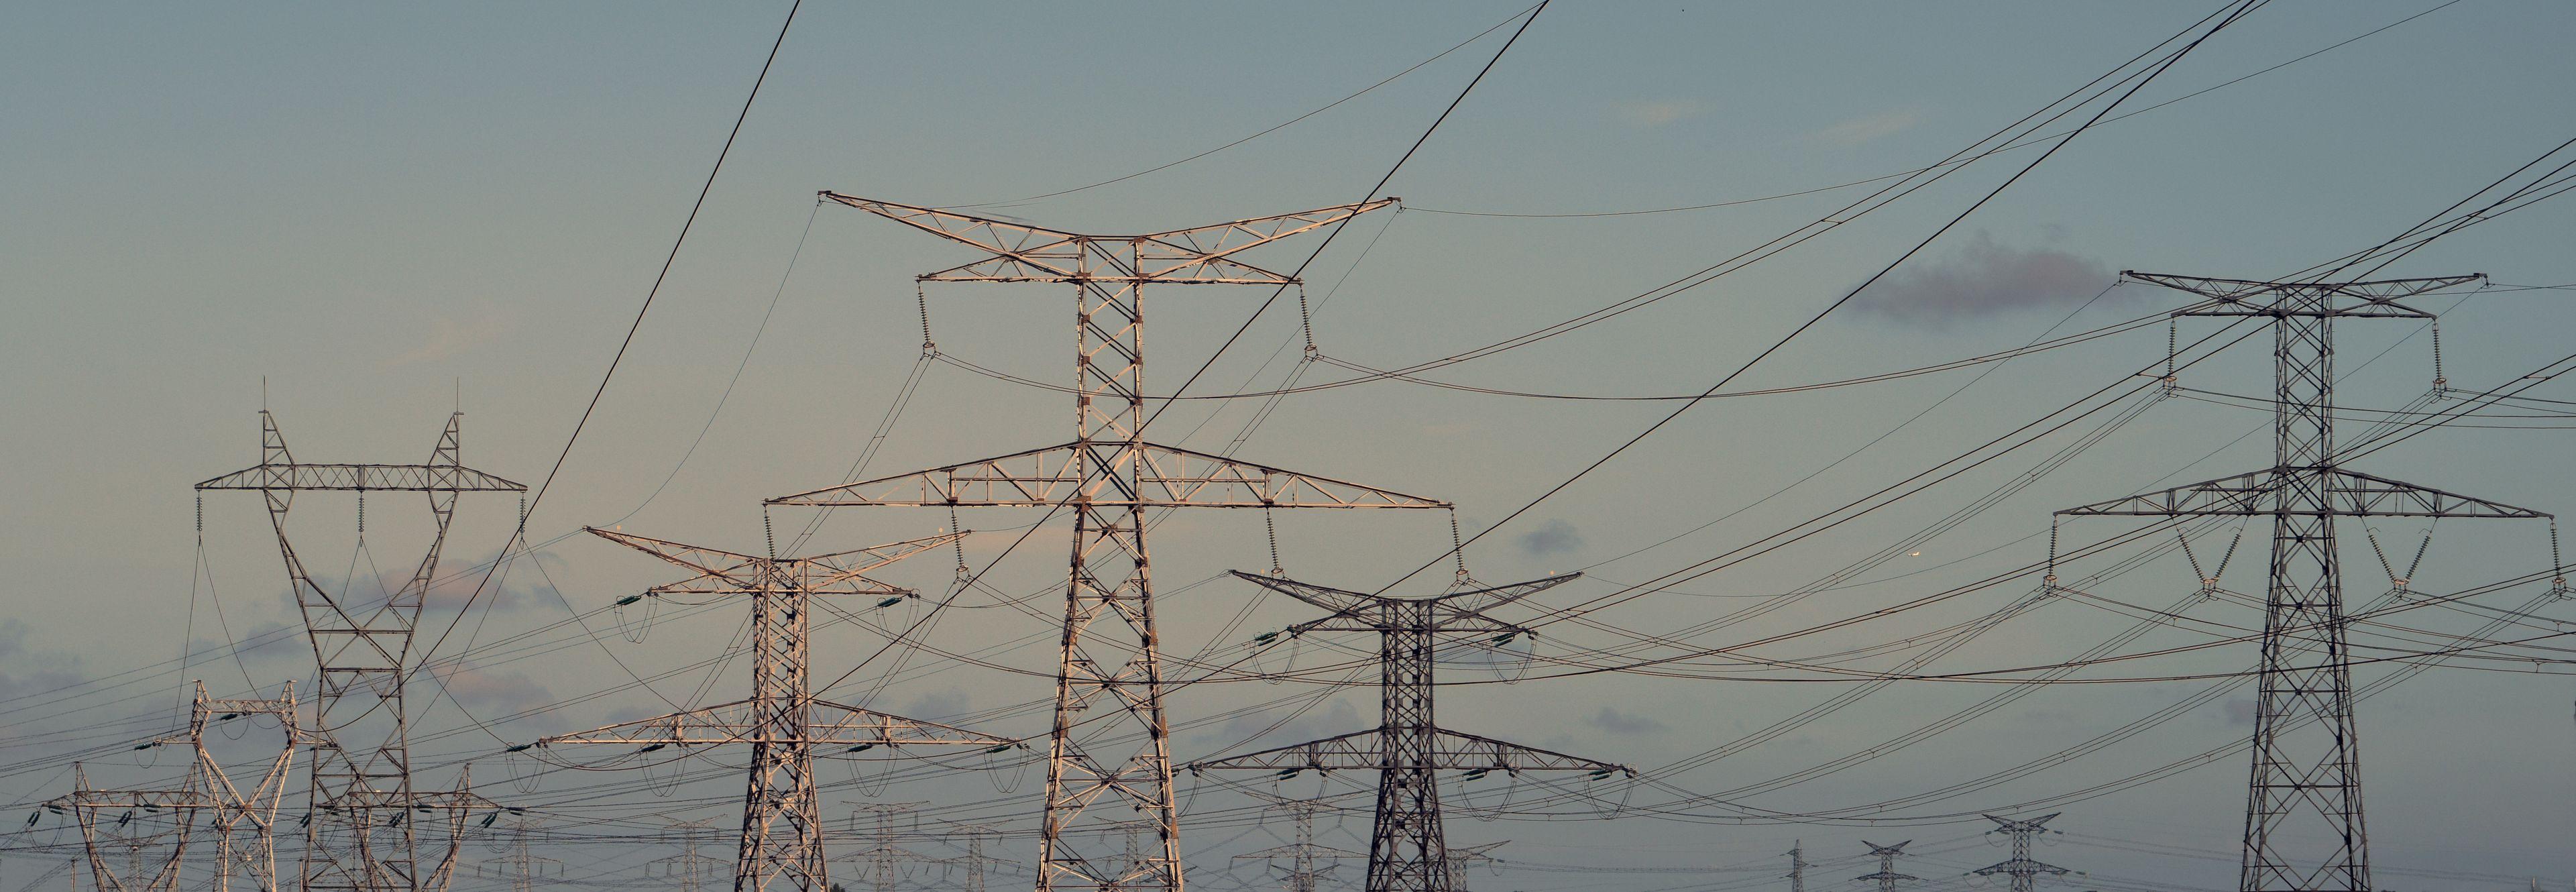 能源要闻丨世界在建最大水电站白鹤滩水电站地下厂房全线封顶